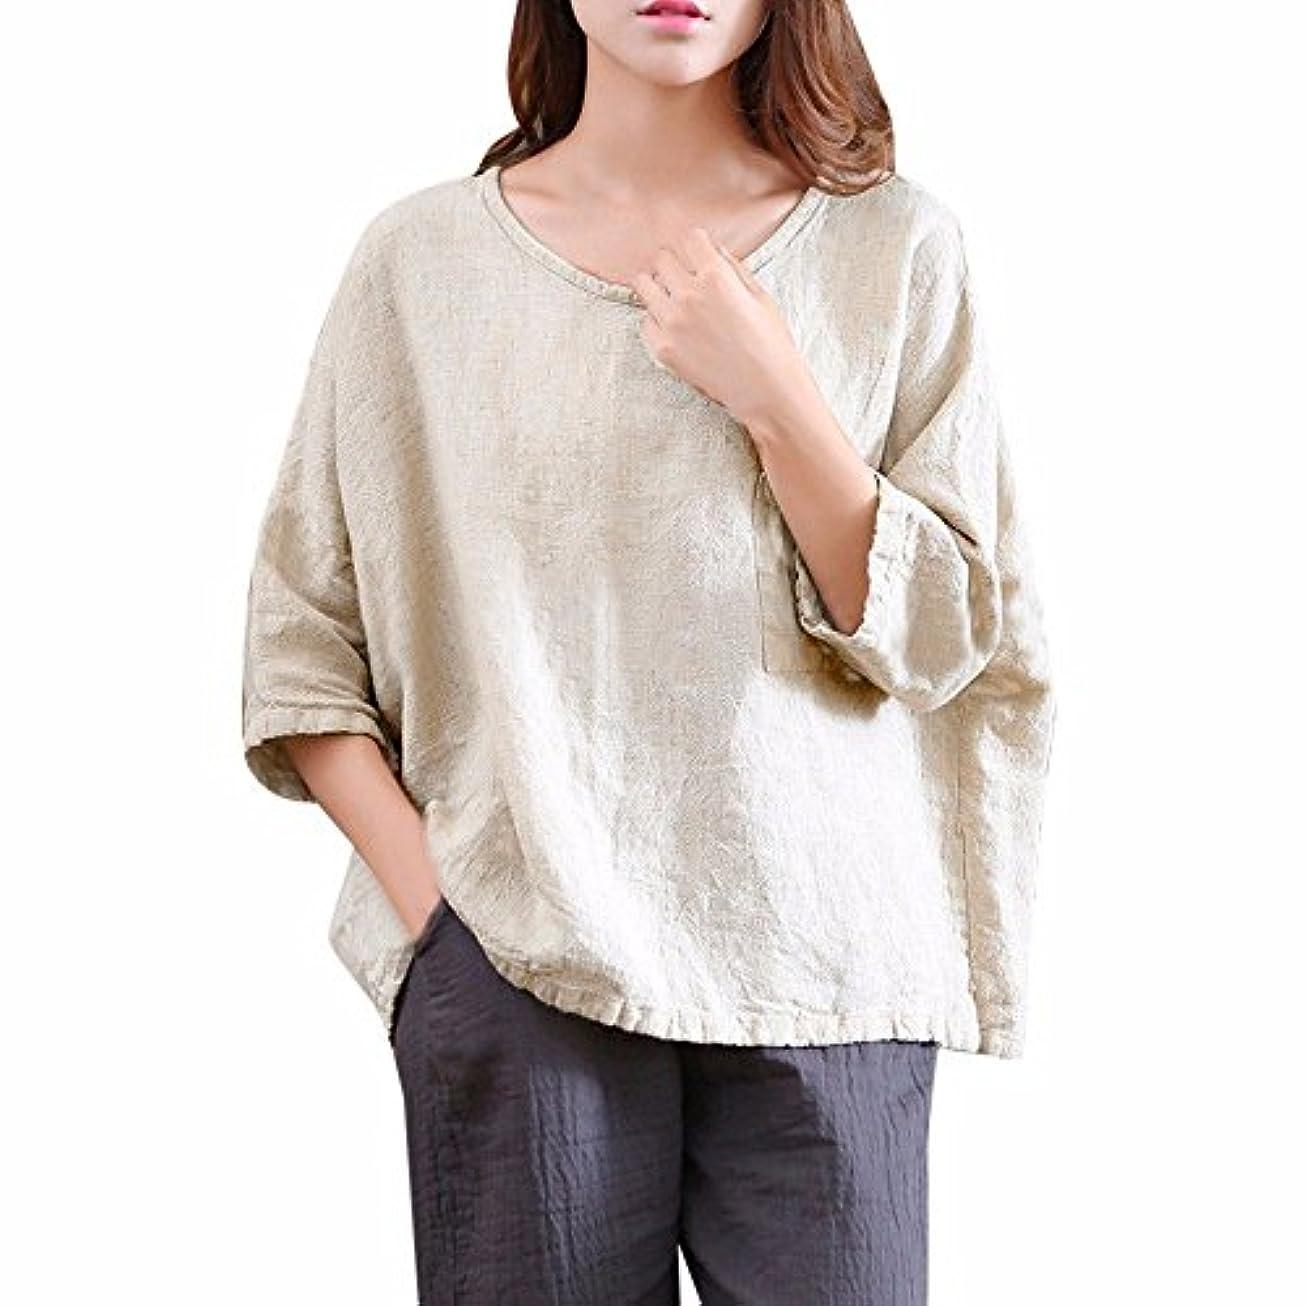 わずかな吸収剤なぜレディース tシャツ 欧米風 麻 半袖 純色 大きなサイズ 新着 半袖 シャツ 無地 ゆったり 大きいサイズ すがすがしい スポーツ YOKINO